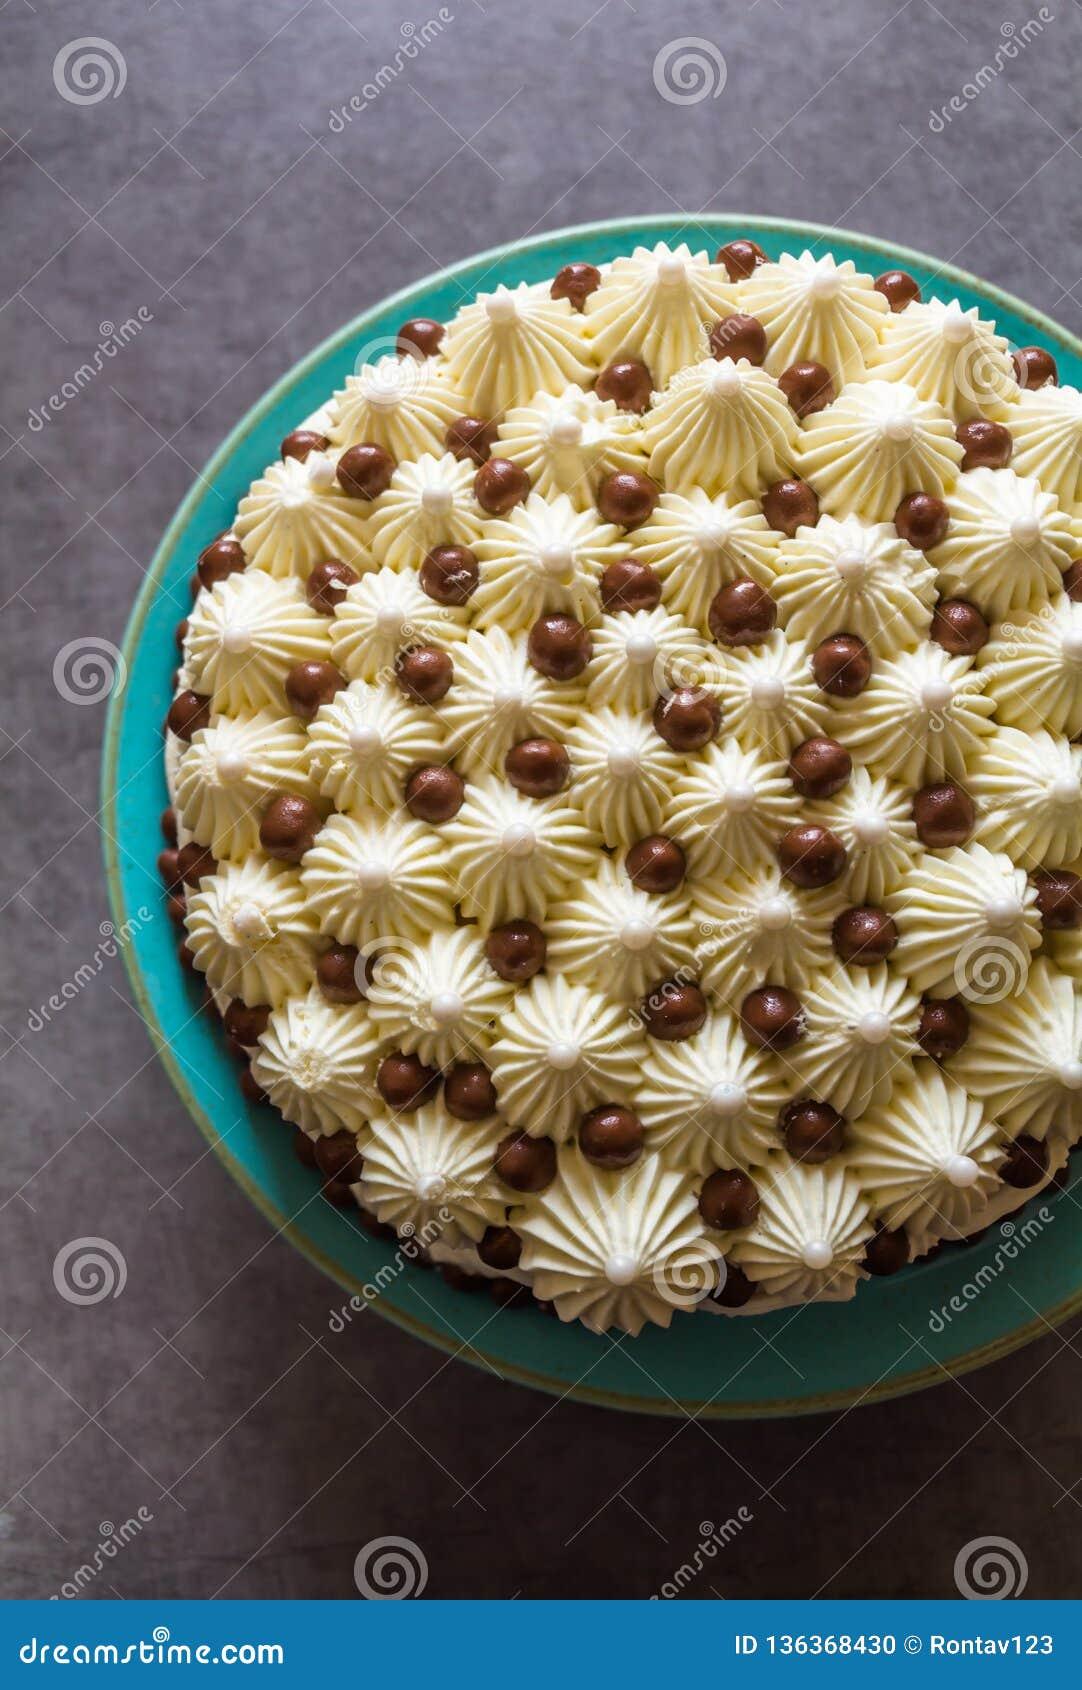 Τοπ άποψη του διακοσμημένου κέικ γενεθλίων με την κτυπημένη καραμέλα κρέμας και σοκολάτας στο τυρκουάζ πιάτο στο σκοτεινό γκρίζο